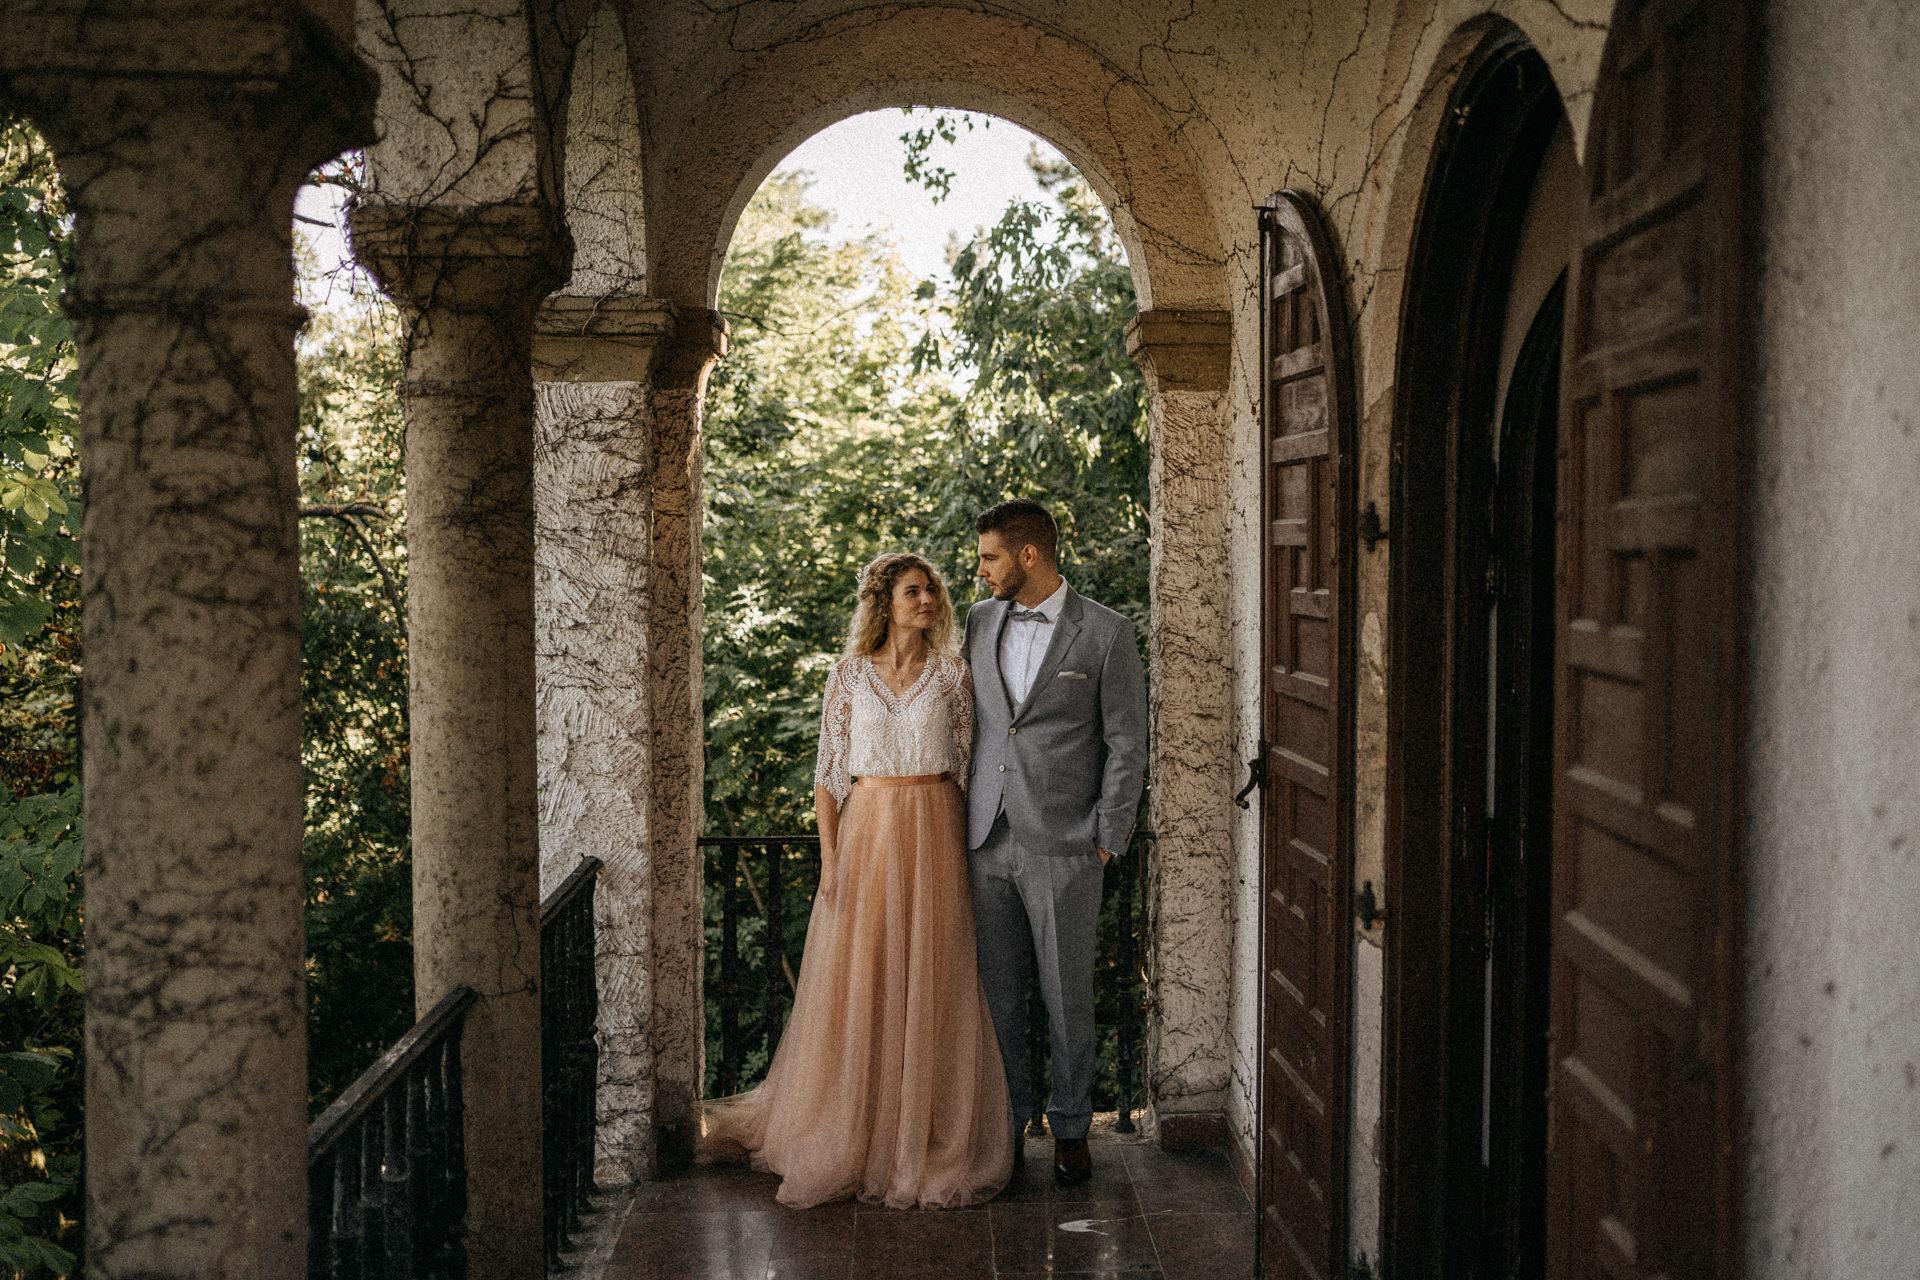 sorg villa eskuvo menyasszony volegeny